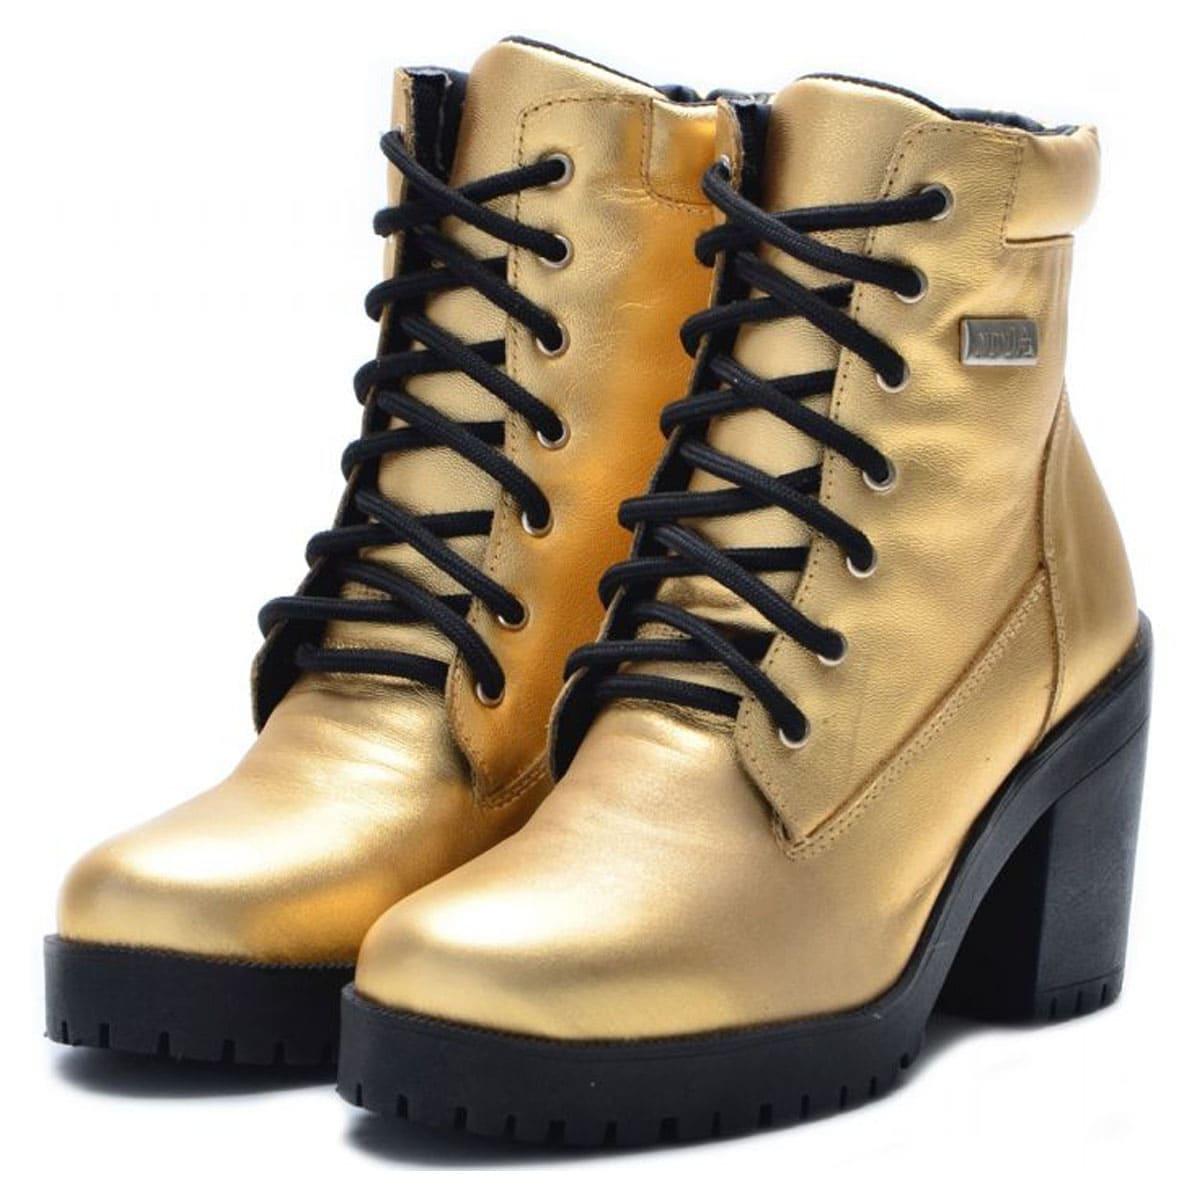 Bota de cano curto com zíper na lateral em couro legítimo na cor dourada 9404